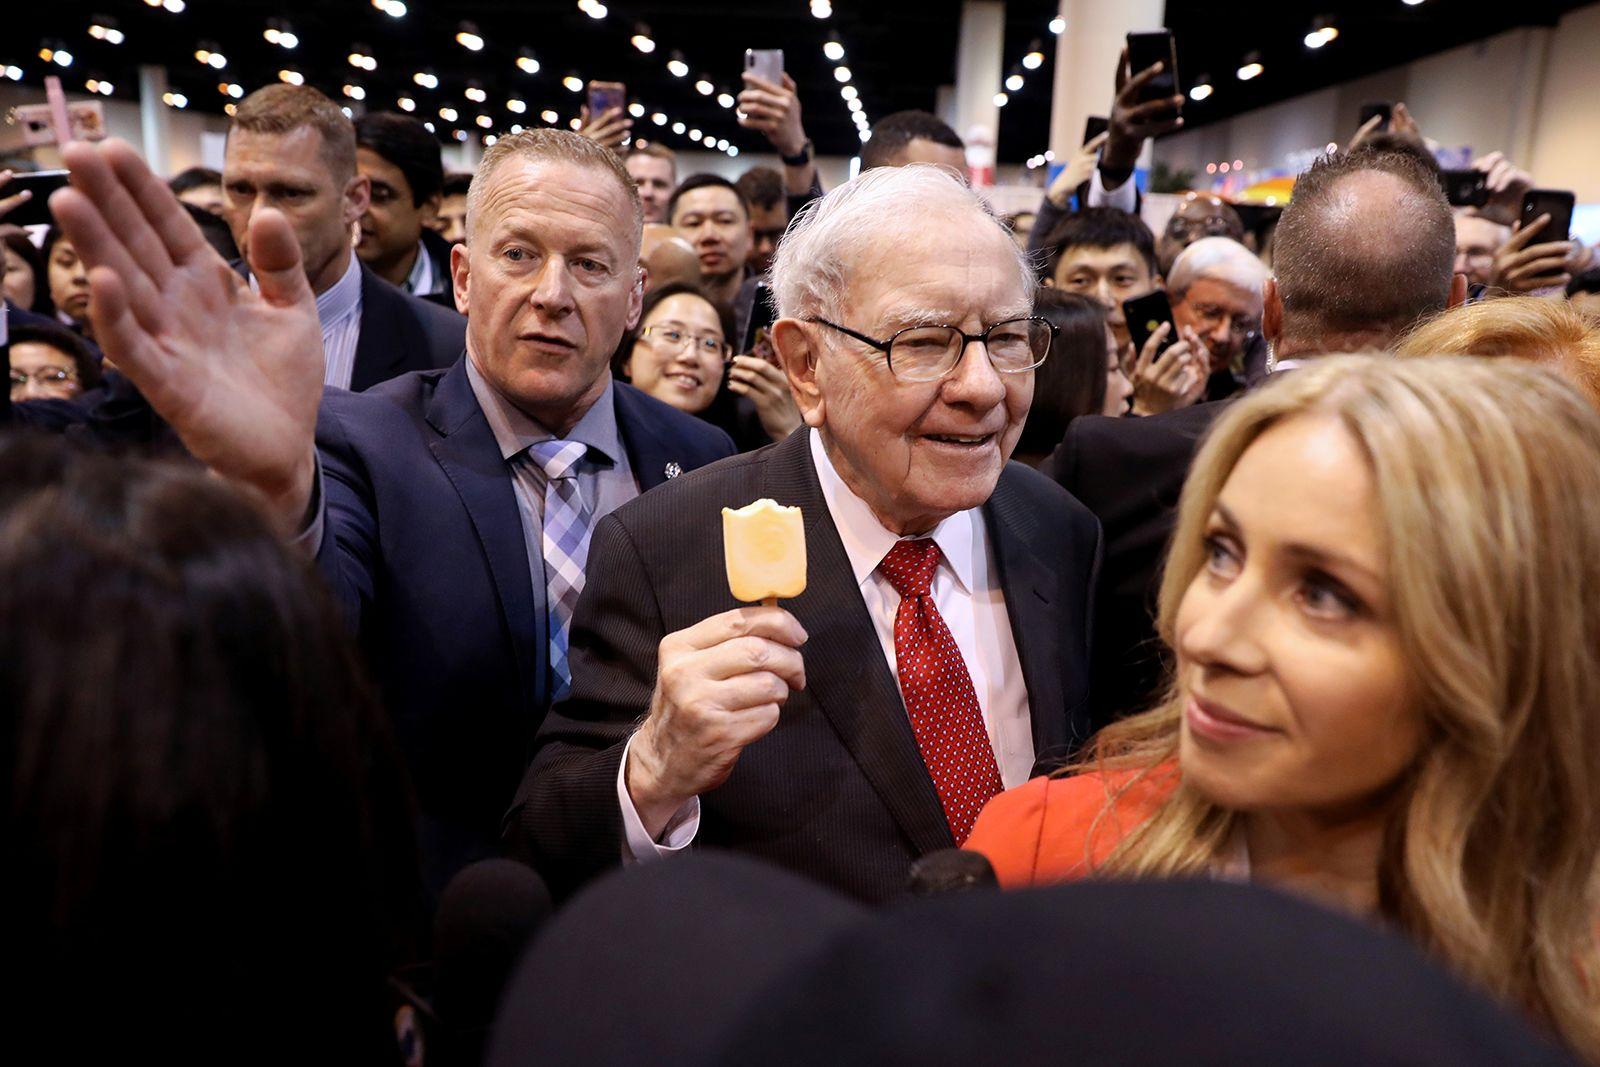 Cuộc đời và sự nghiệp của Warren Buffett qua những tấm ảnh - Ảnh 22.